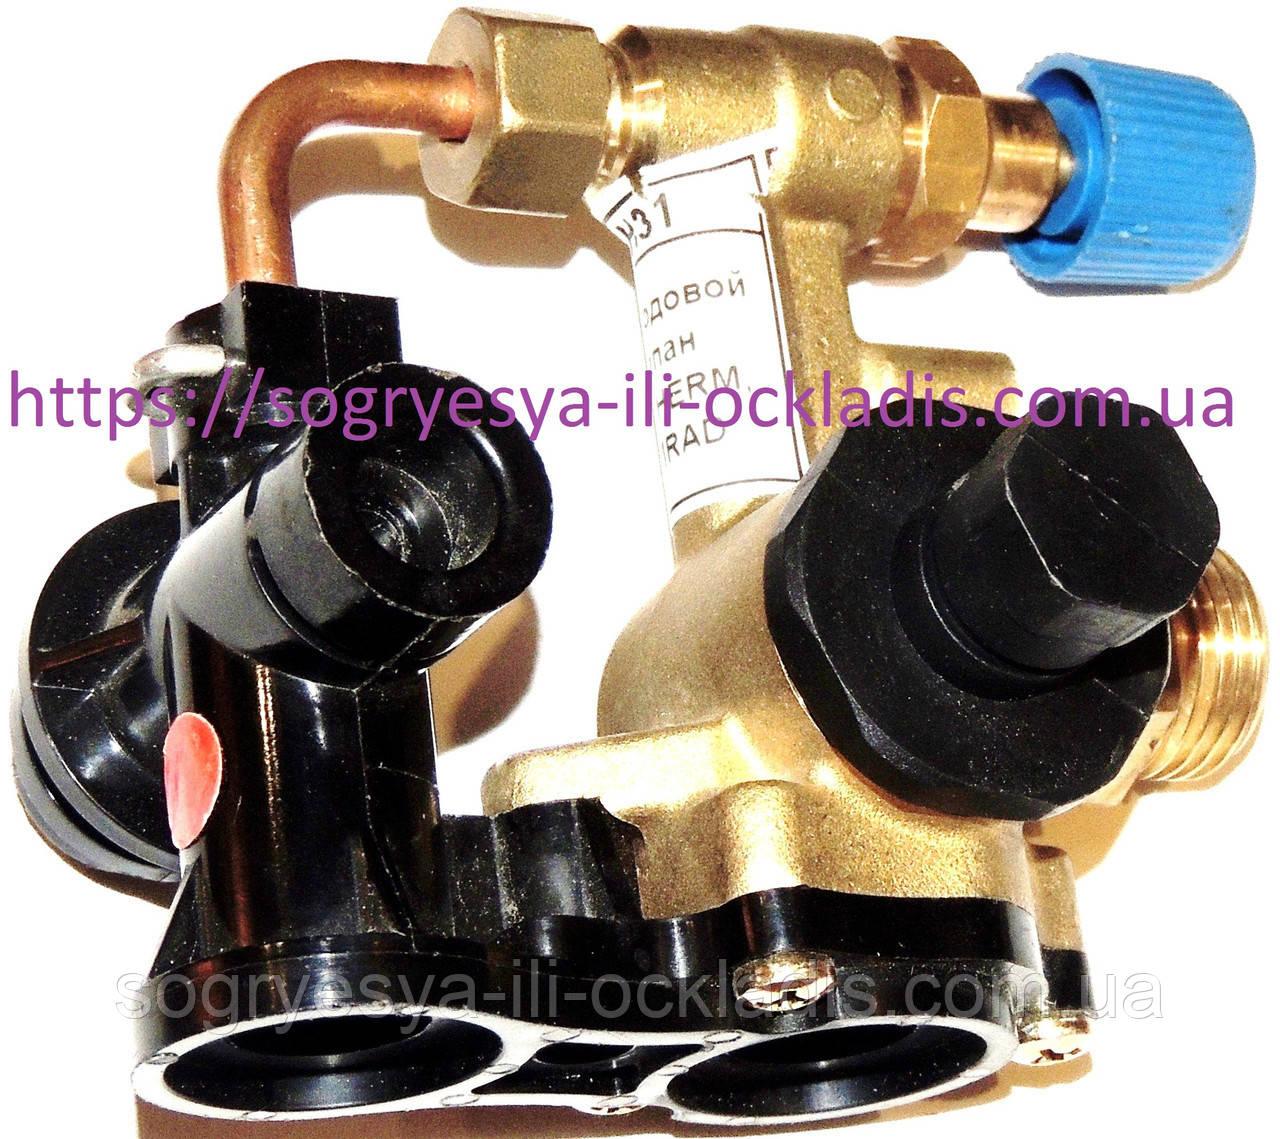 Клапан 3-х ходовой в сборе(фир.уп, Италия)котлов газовыхDemrad, Protherm, артикул BH31, код запчасти 1873